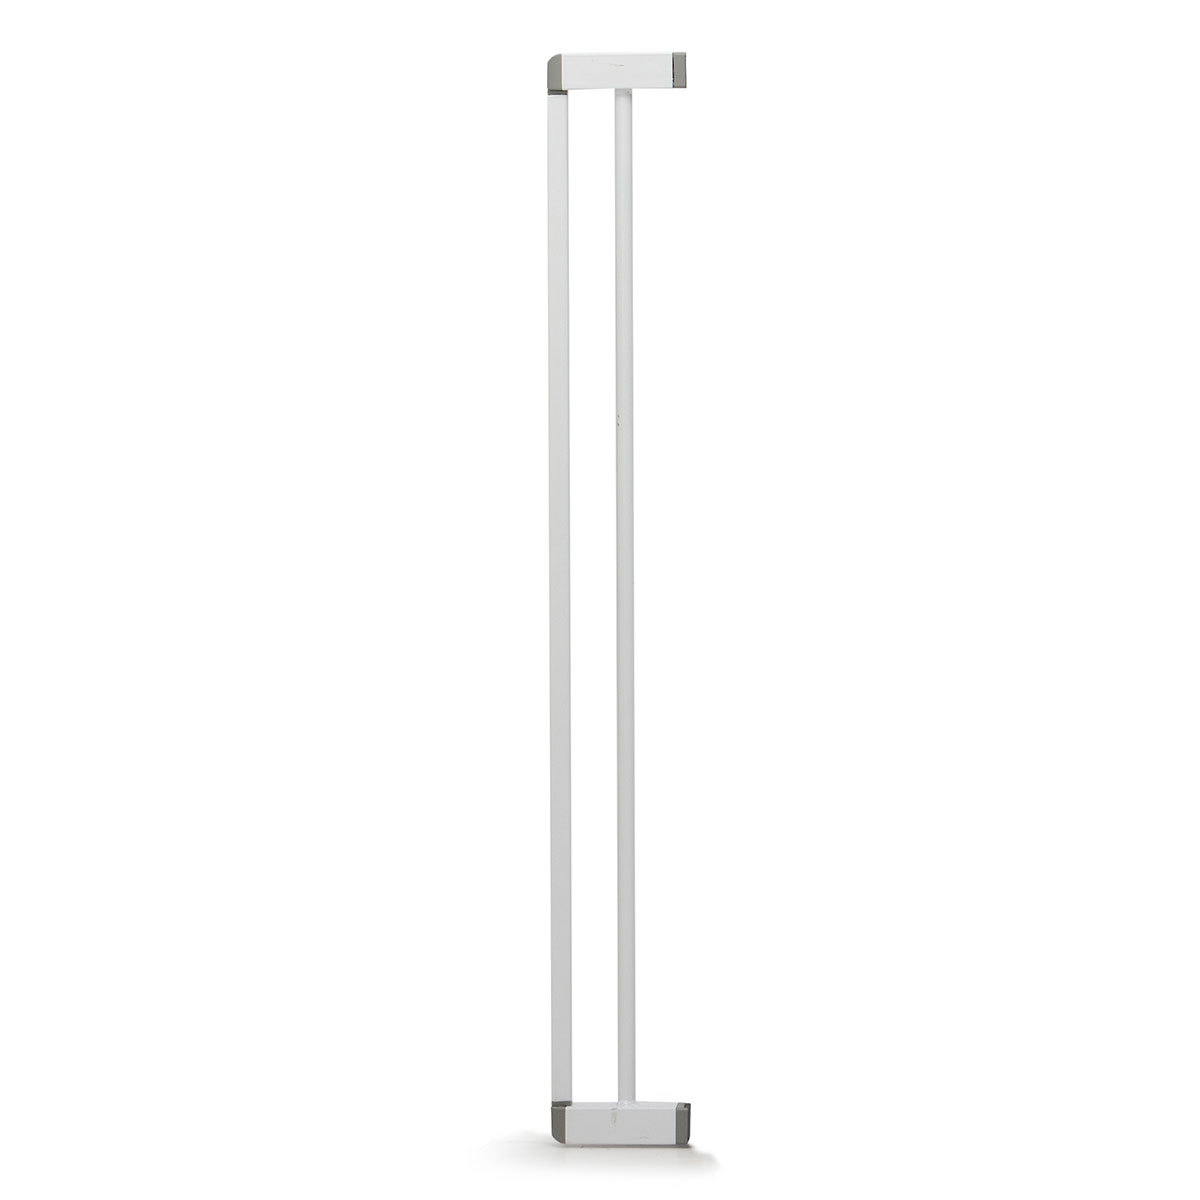 Barrière de sécurité Extension Easy Close 7,5 cm - Blanc Extension Easy Close 7,5 cm - Blanc